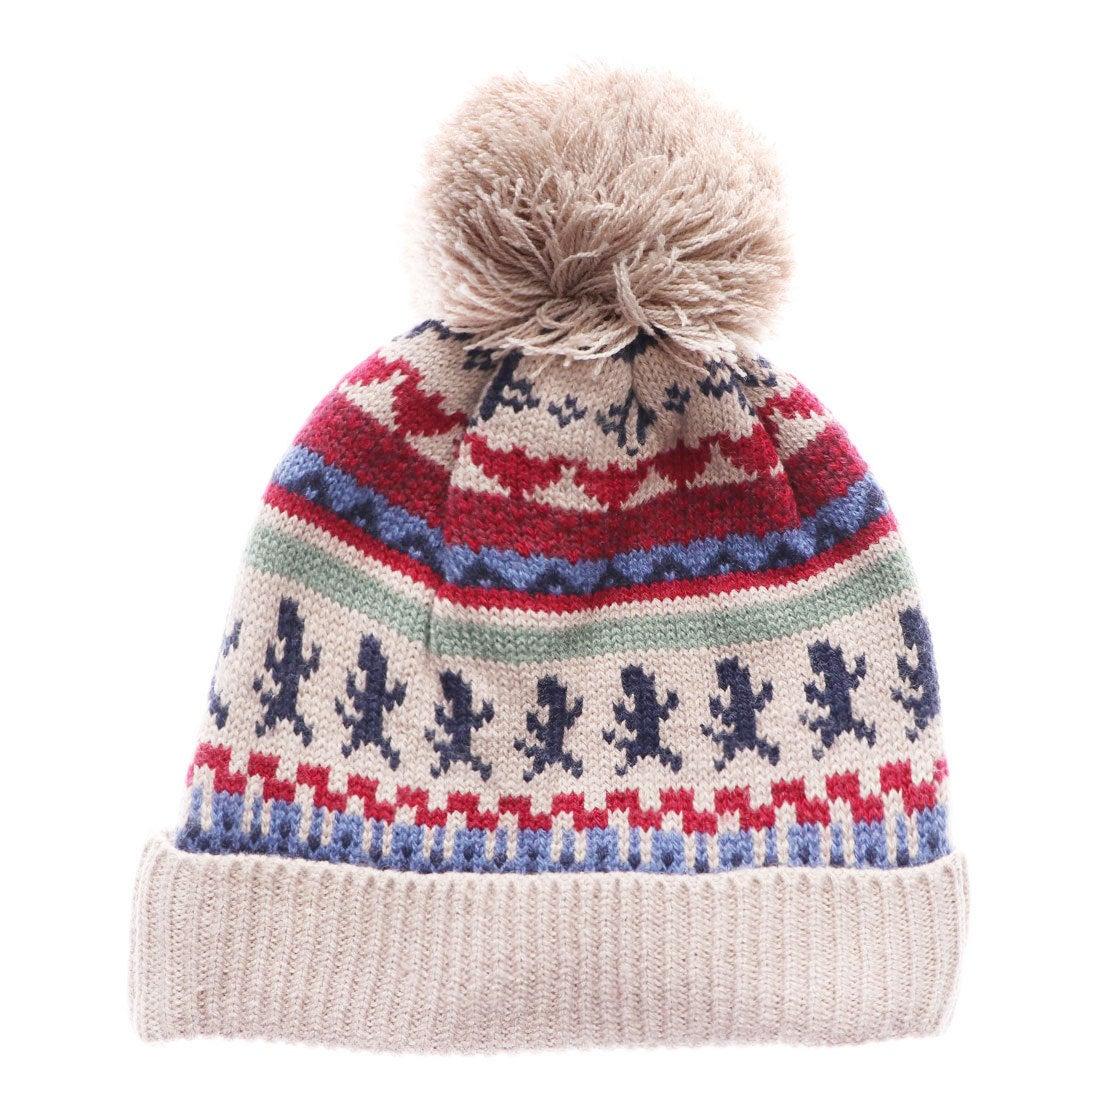 c72856fa211a8 サンカンシオン 3can4on ニット帽 (ブラウン) -アウトレット通販 ロコレット (LOCOLET)